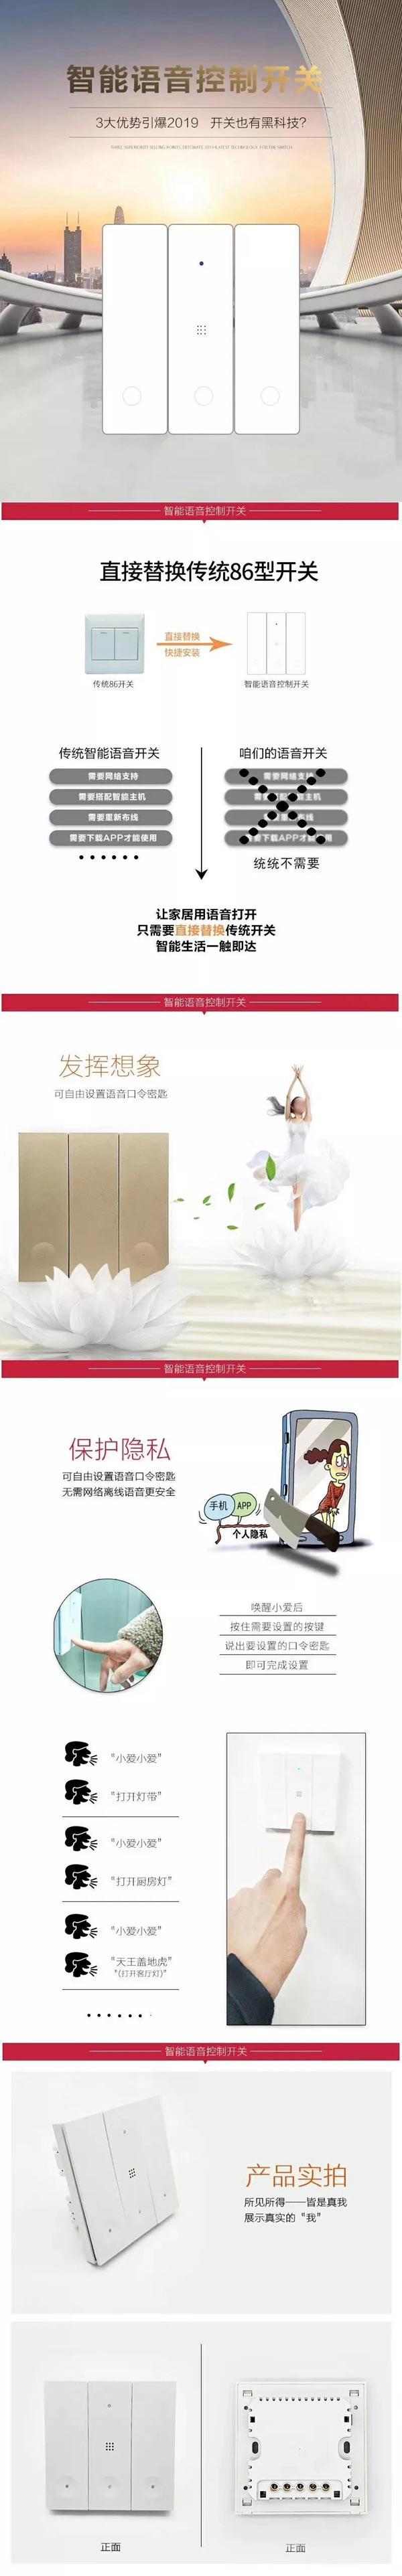 yuyin20190221002